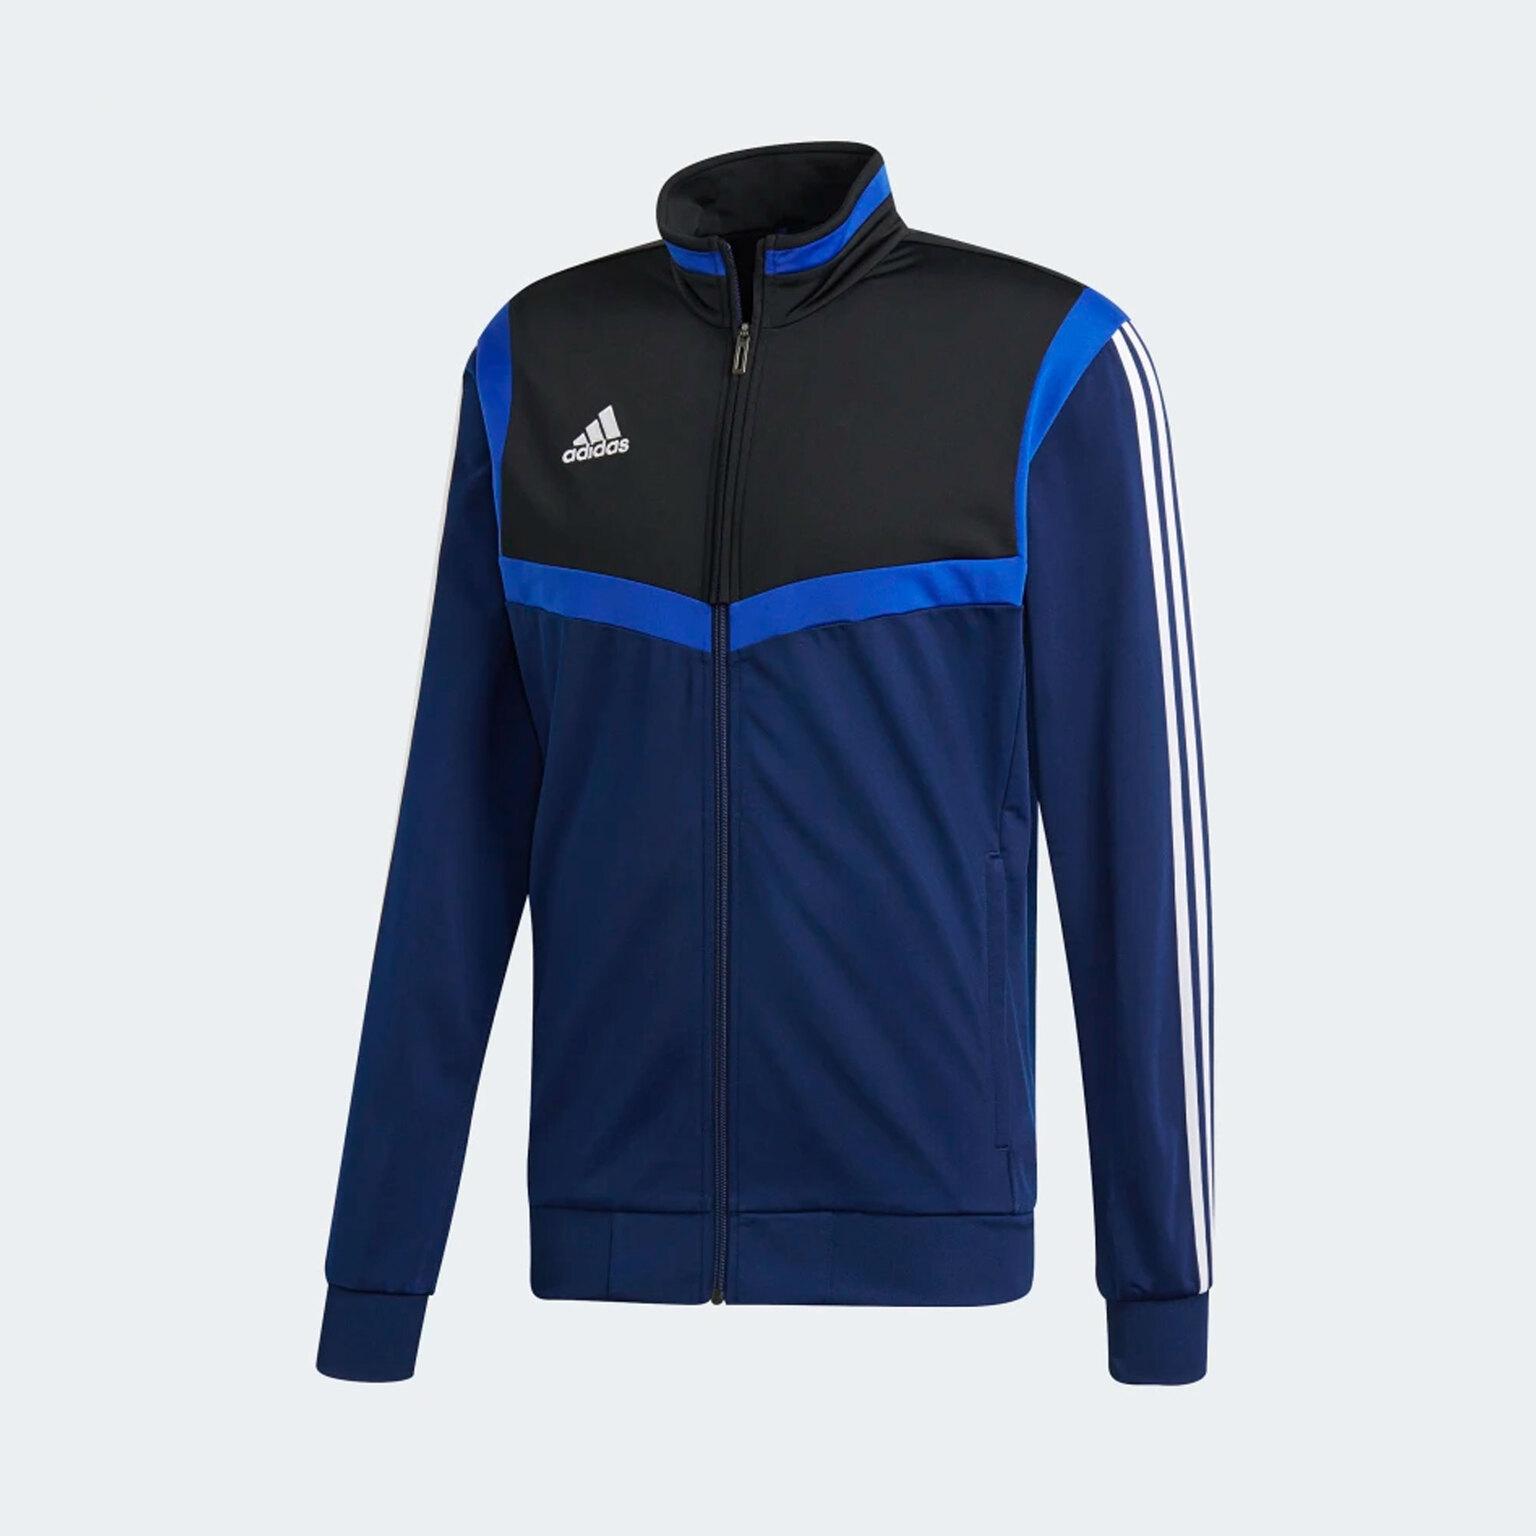 Олимпийка Adidas Tiro19 DT5785 олимпийка подростковая adidas tiro19 dt5270